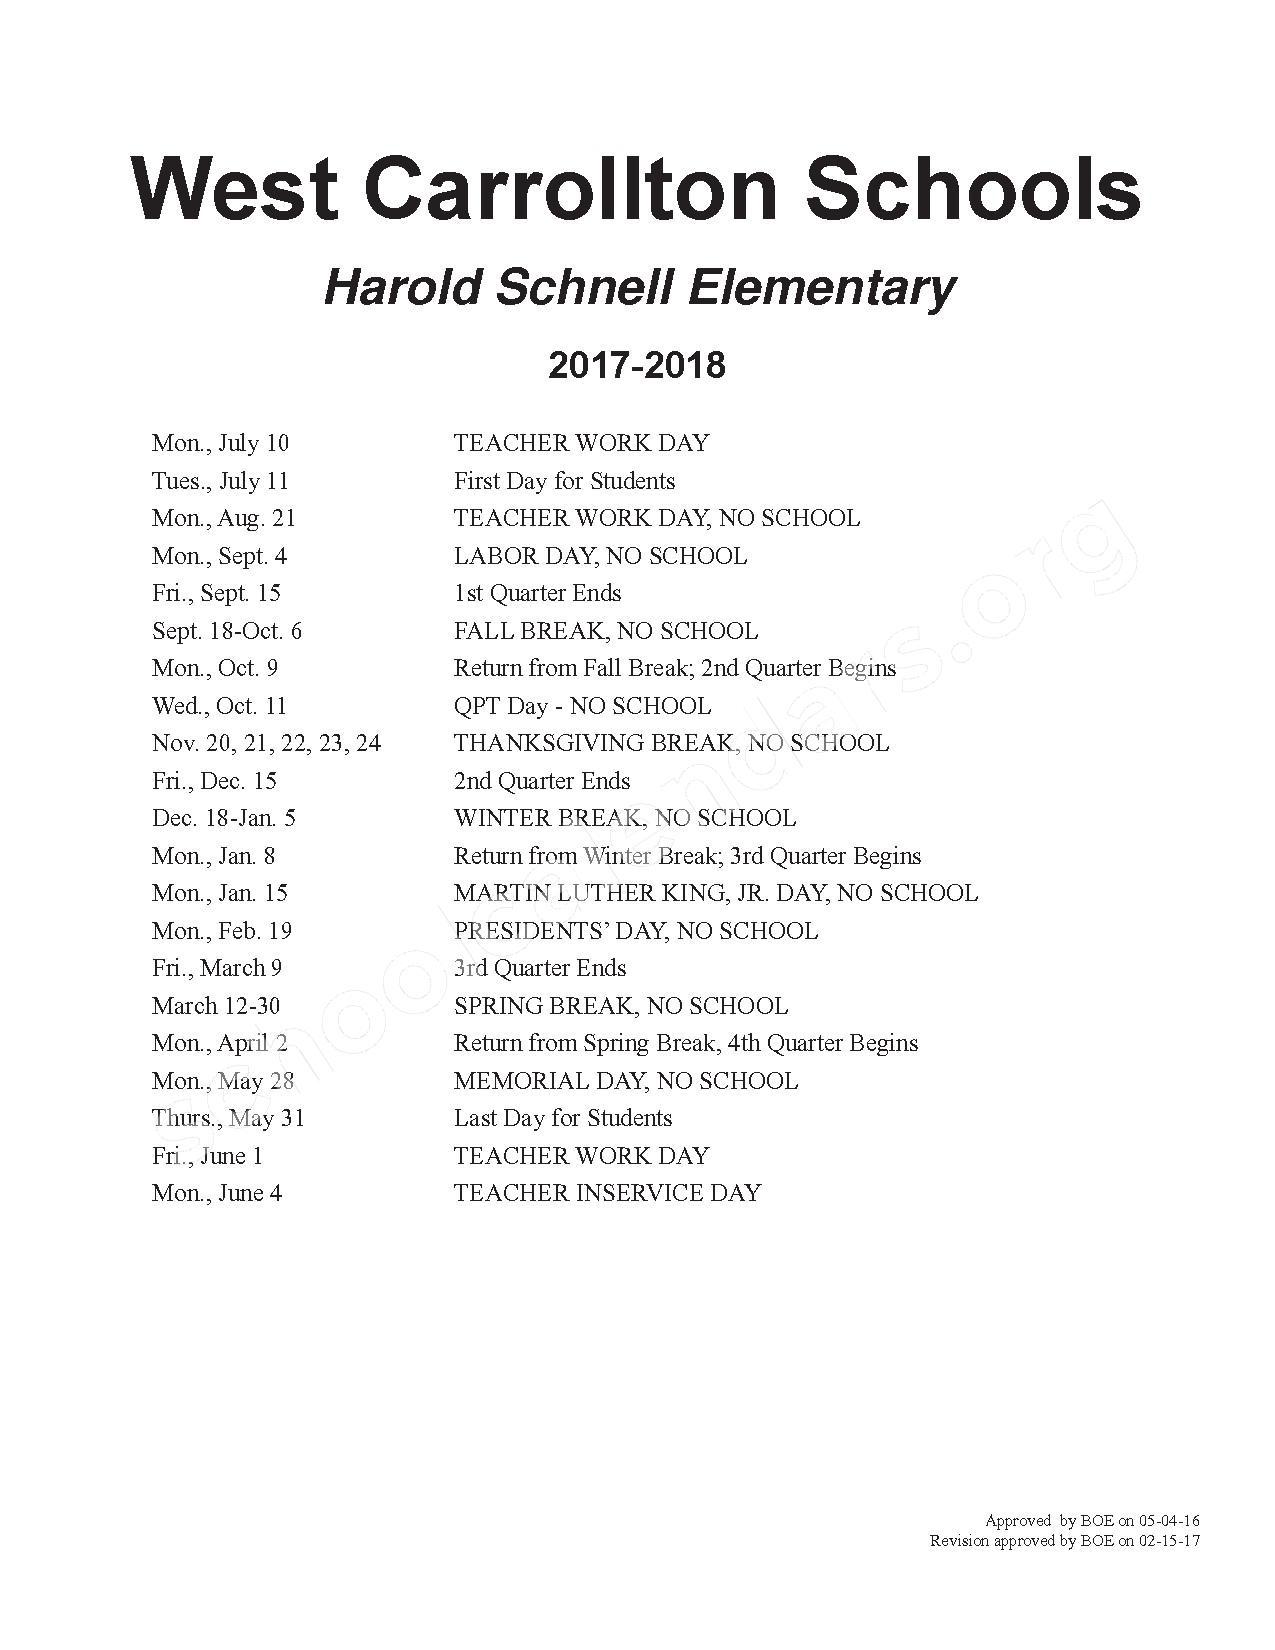 2017 - 2018 School Calendar page 2